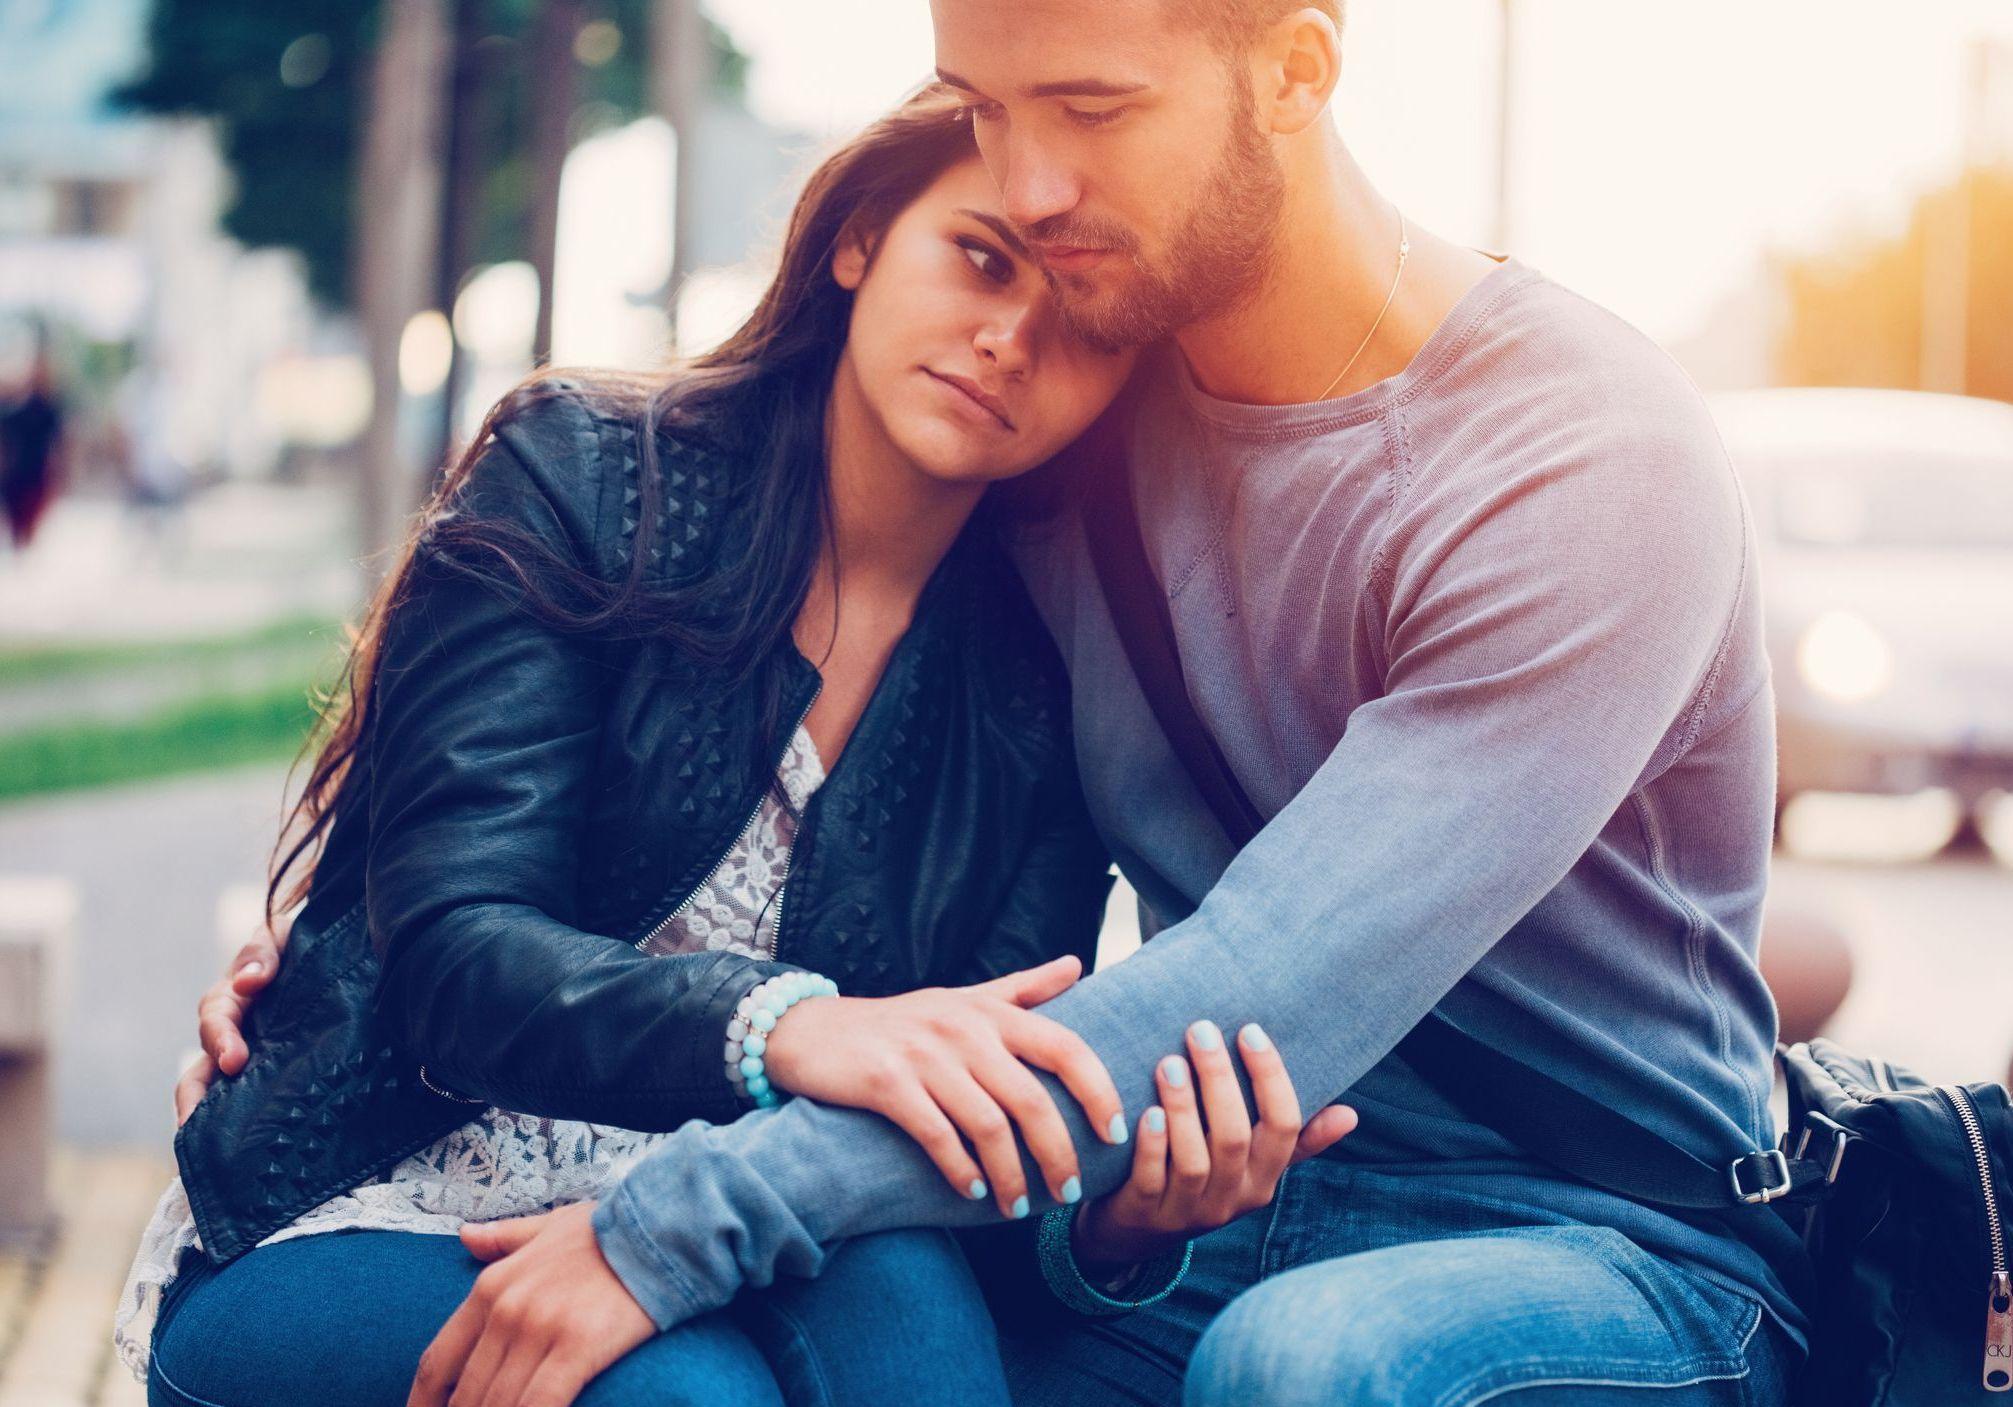 Les ruptures amoureuses, souvent très douloureuses et parfois imprévisibles, laissent des traces et engendrent une profonde tristesse. Pour remonter la pente, certains se lancent aussitôt dans une nouvelle relation. Pourtant, ce n'est pas toujours une bonne solution pour guérir d'une histoire...